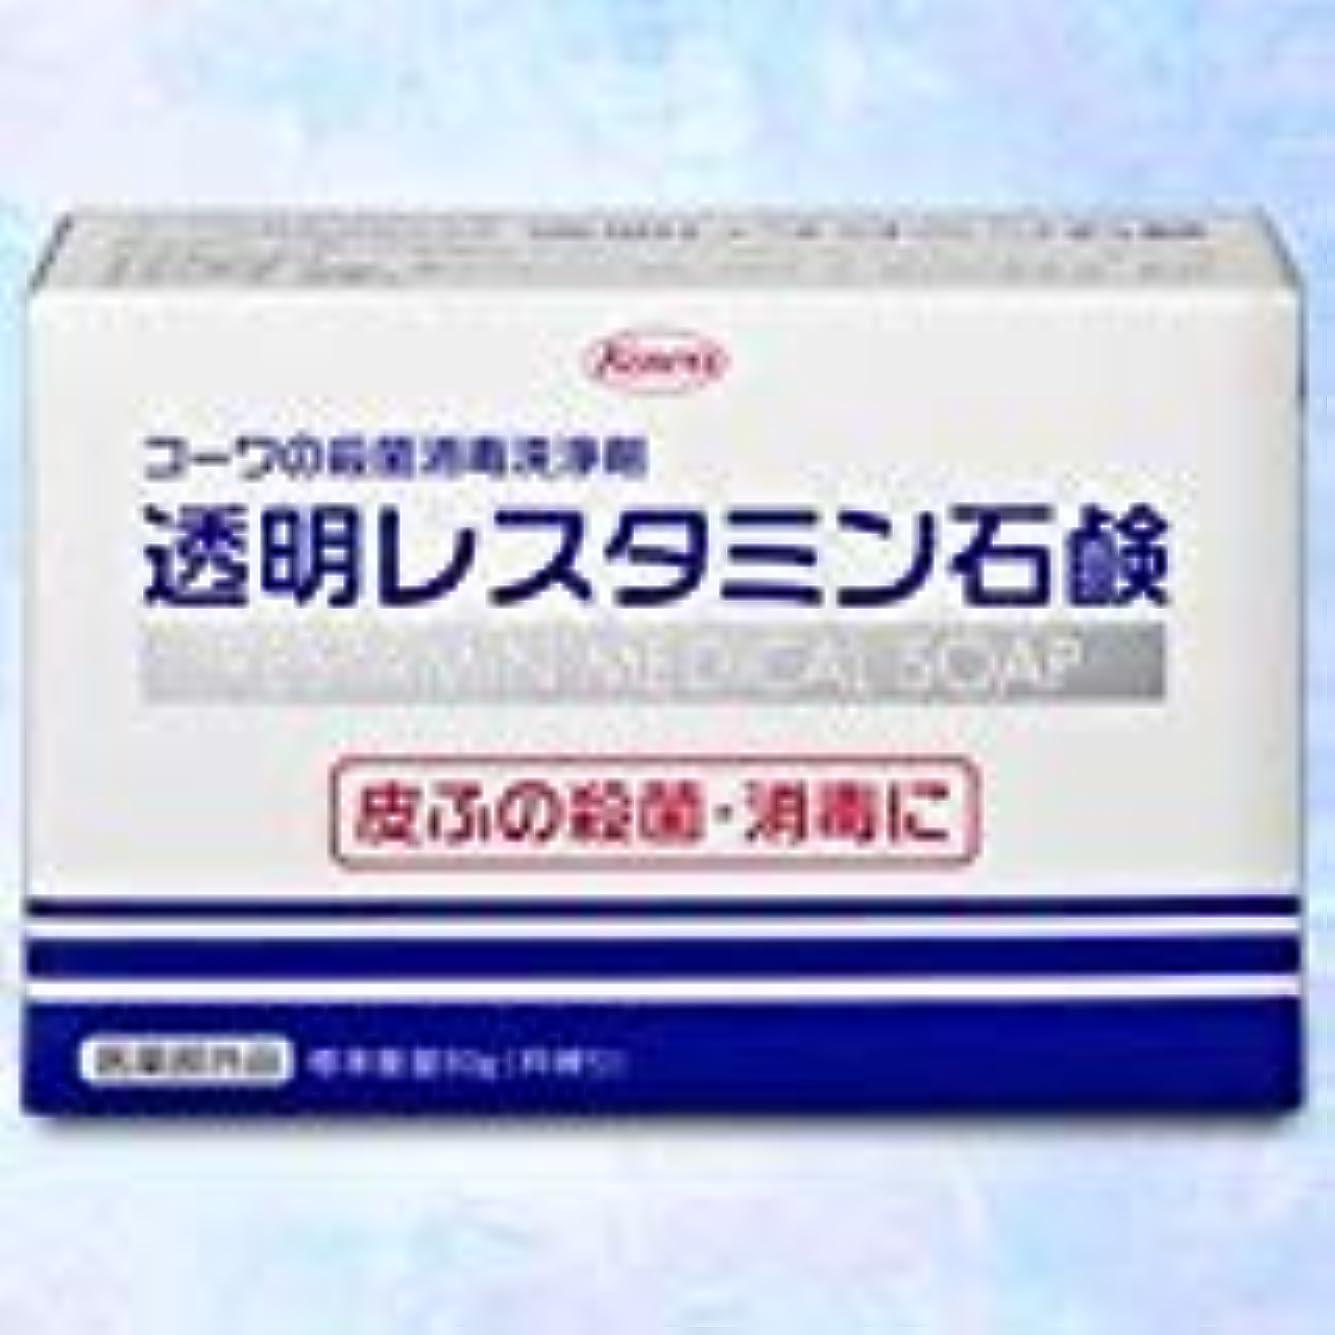 ブーム粒葉を集める【興和】コーワの殺菌消毒洗浄剤「透明レスタミン石鹸」80g(医薬部外品) ×3個セット